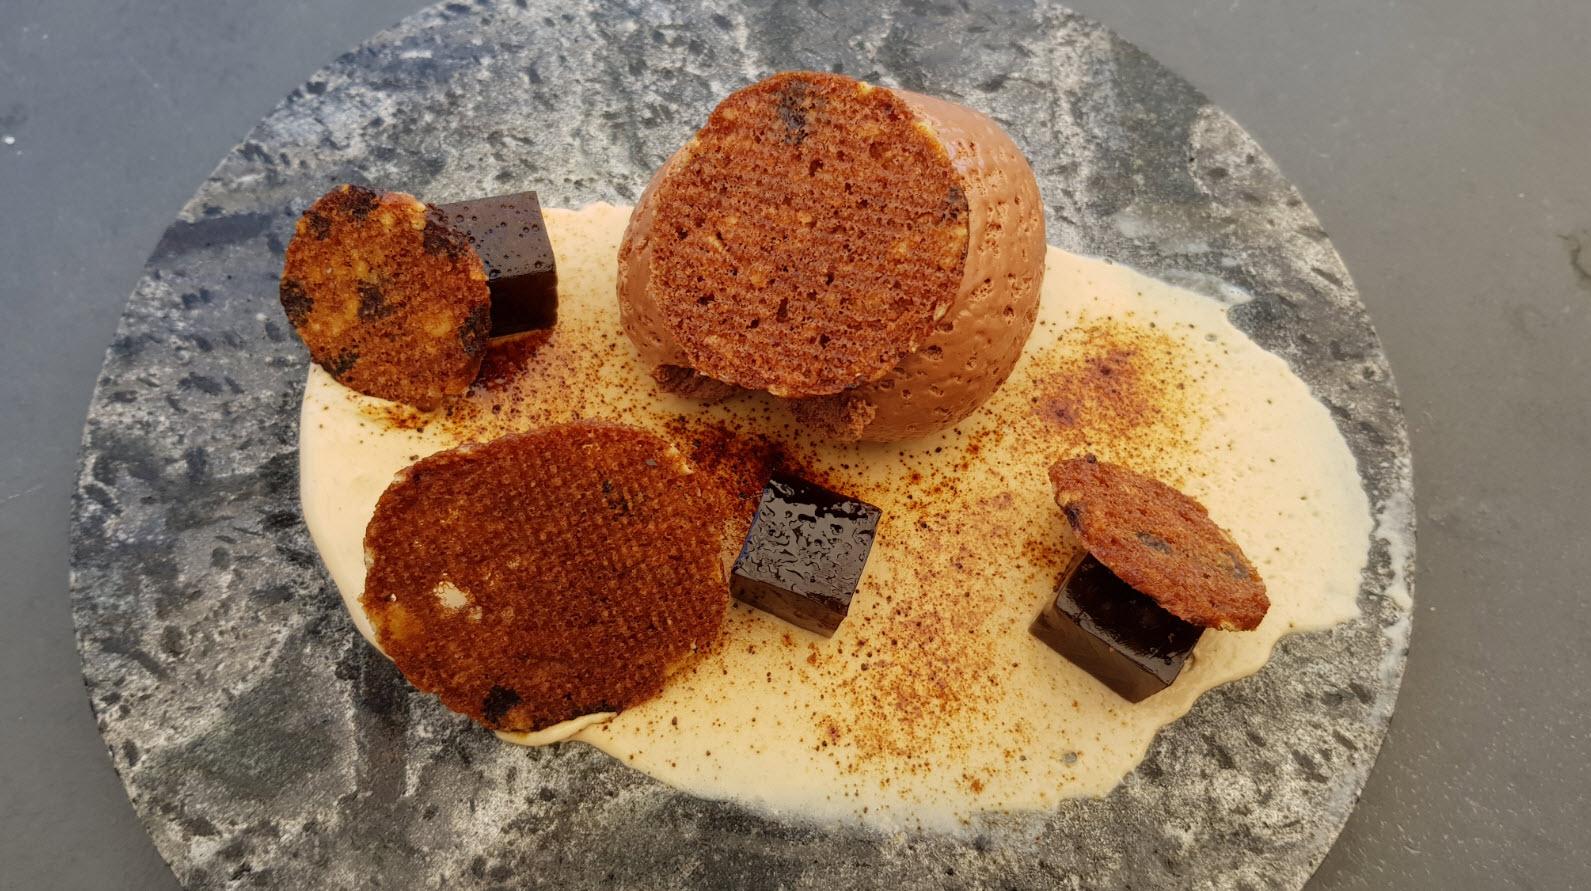 Mousse au chocolat, glace à l'ail noir, gelée de réglisse